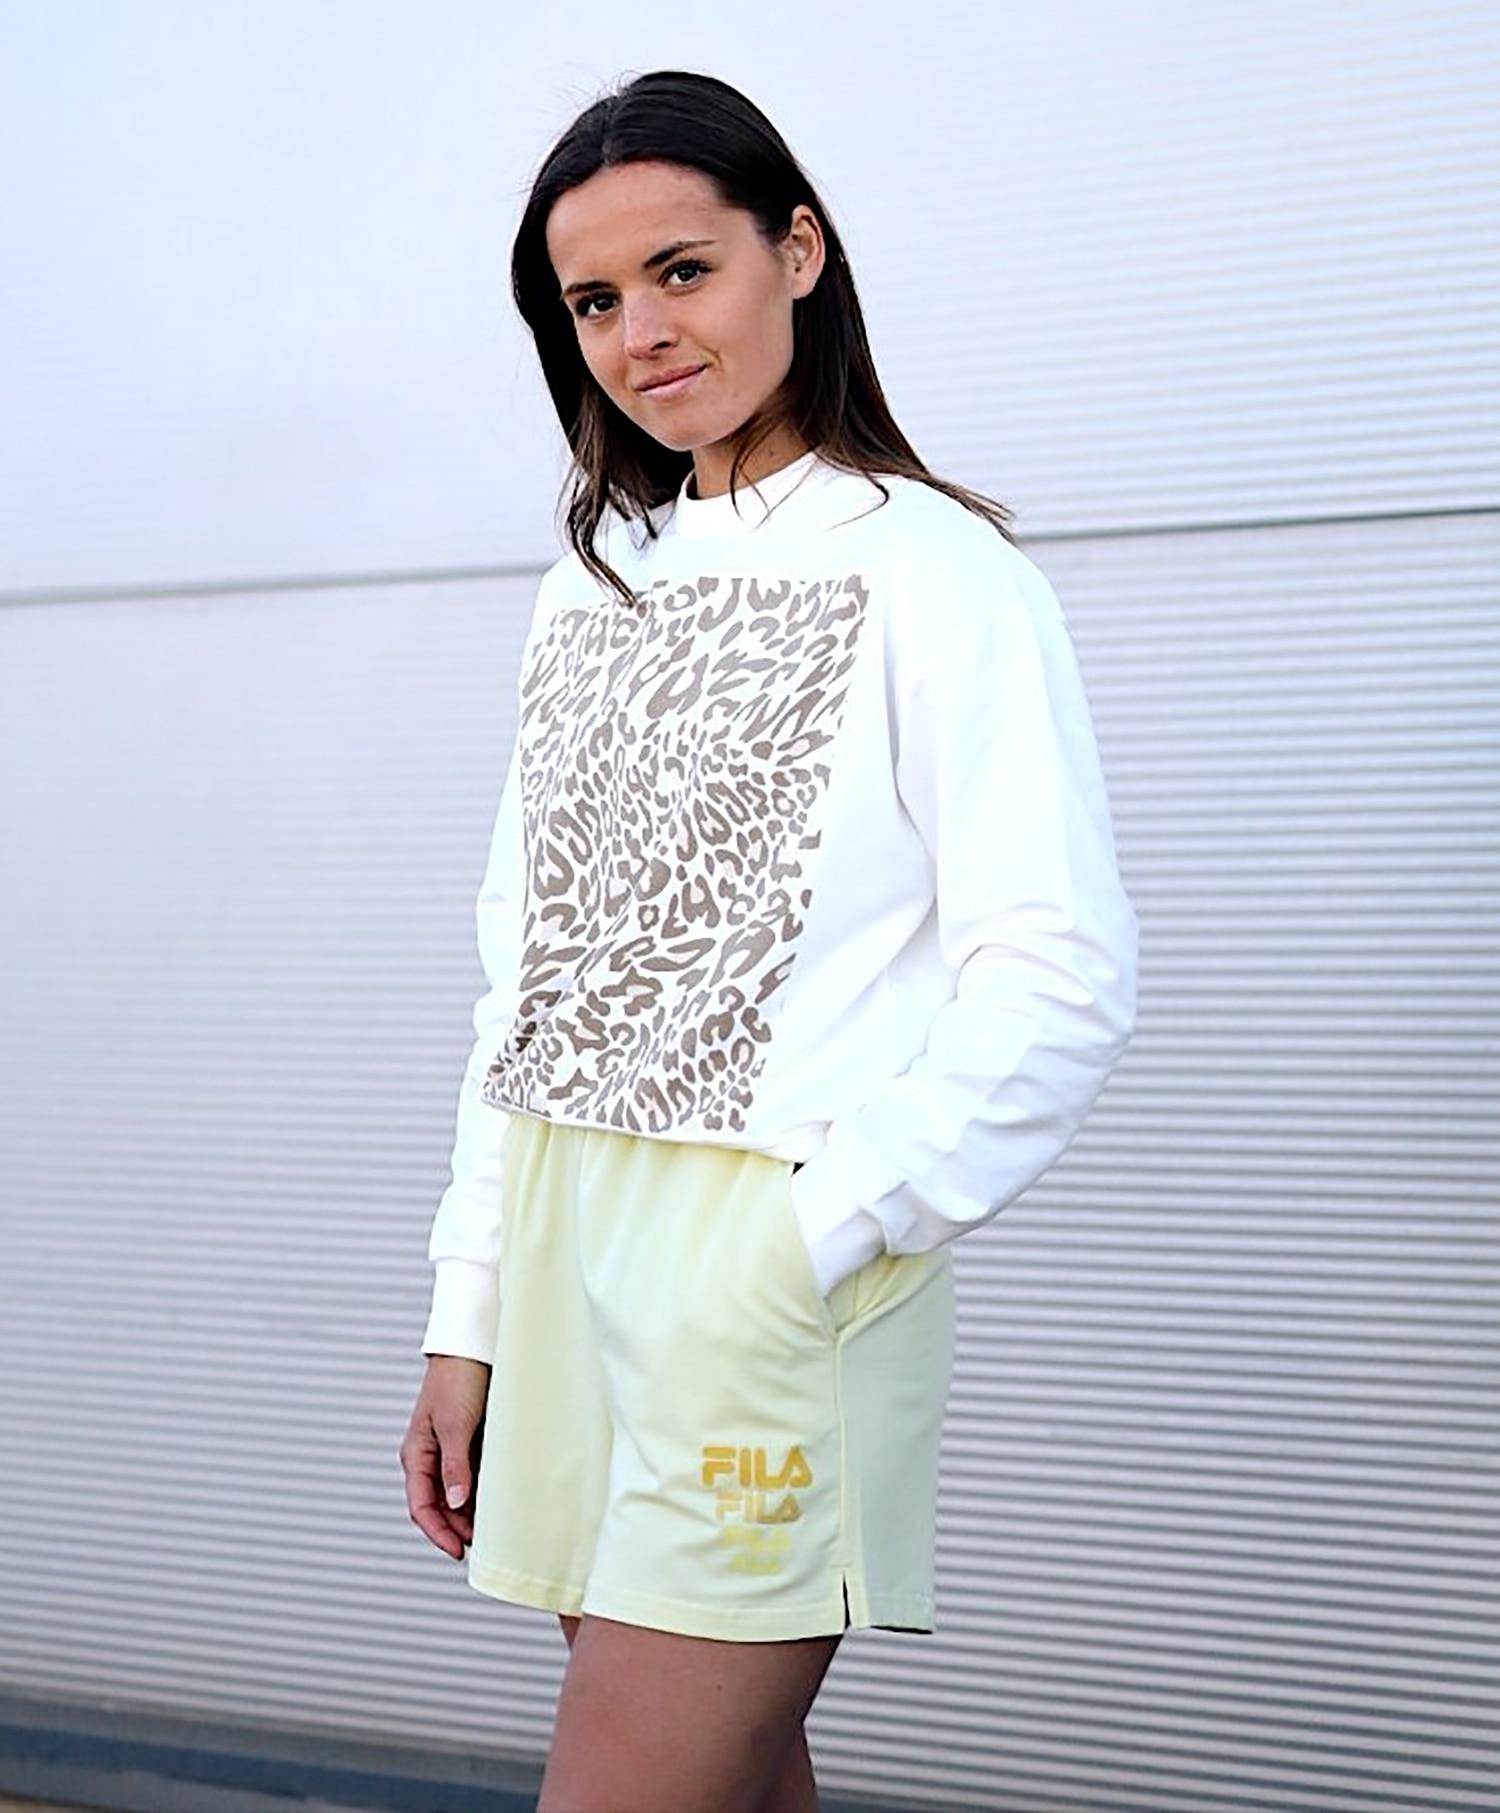 Fila ELLA Shorts